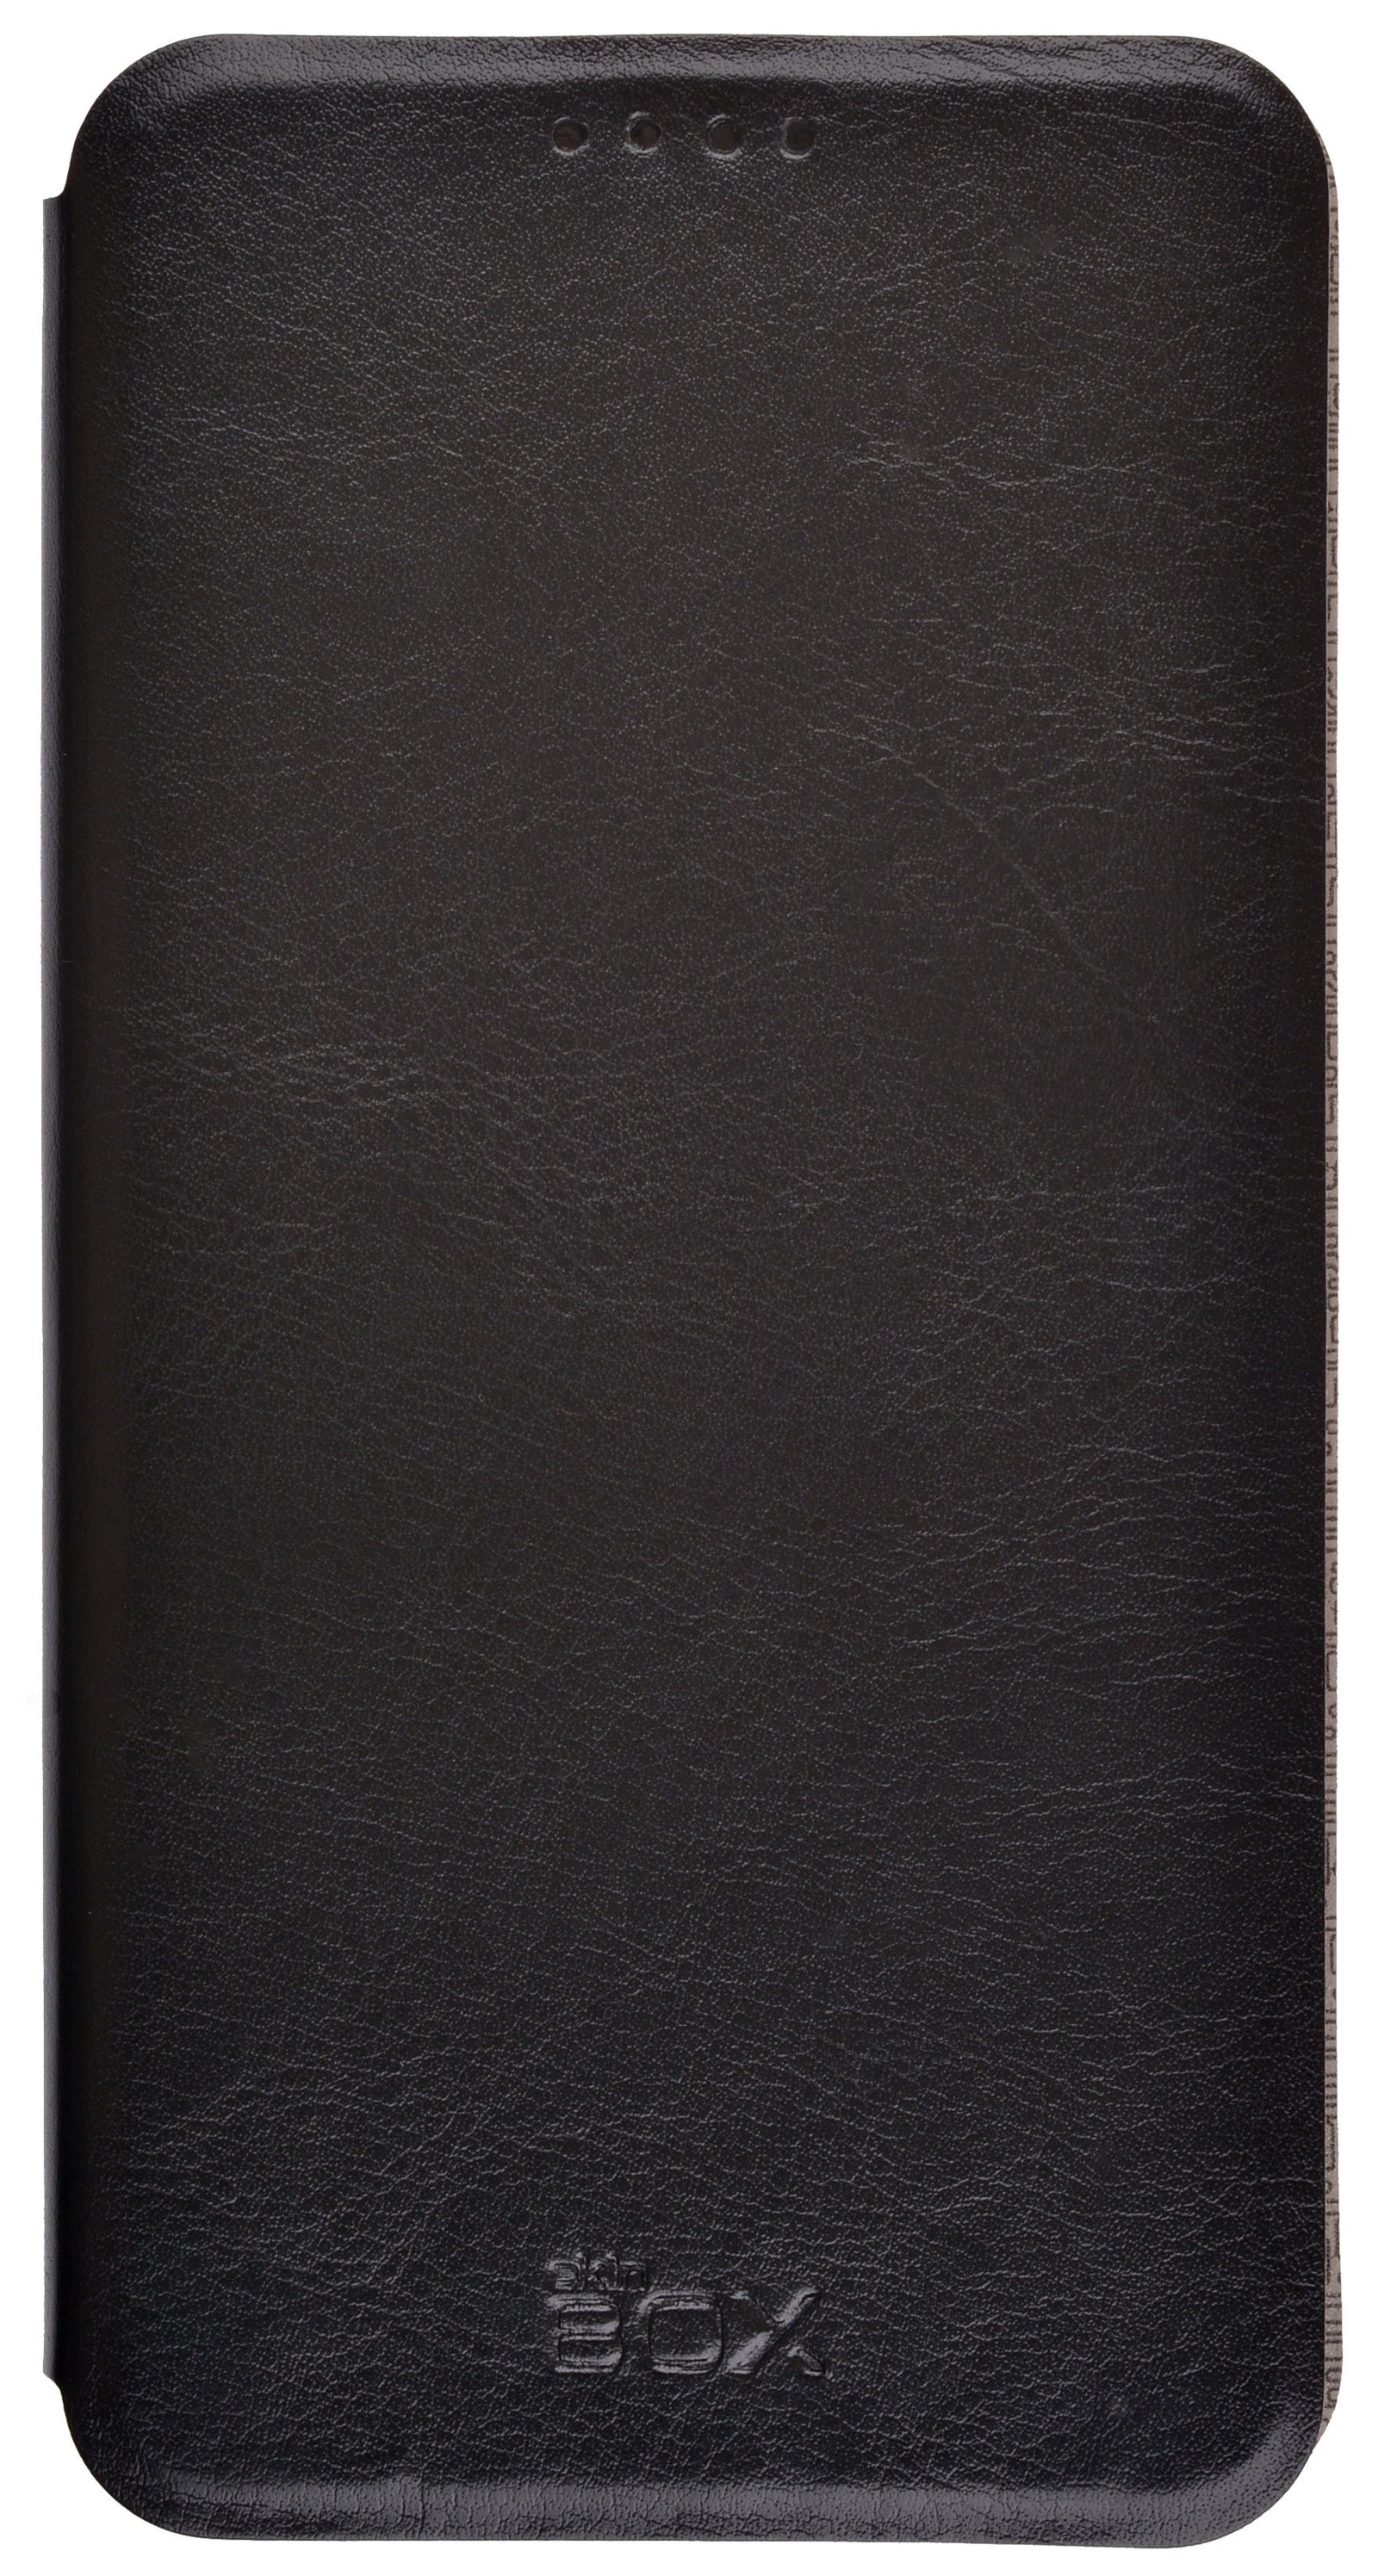 Чехол для сотового телефона skinBOX Lux, 4630042528826, черный все цены